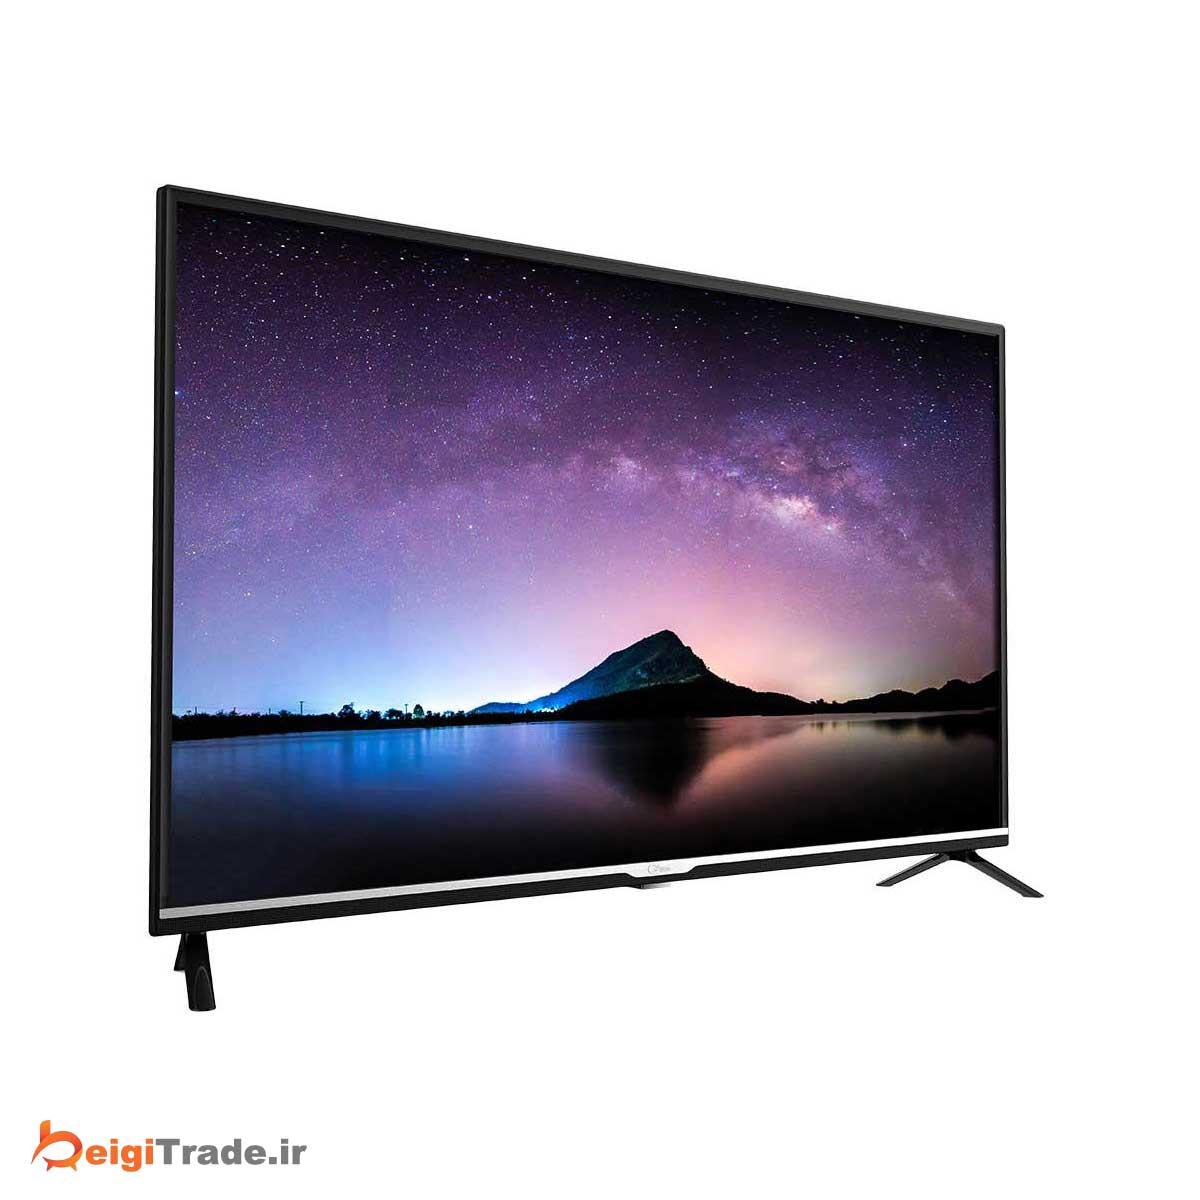 تلویزیون-43-اینچ-LED-جیپلاس-مدل-GTV-43JH512N